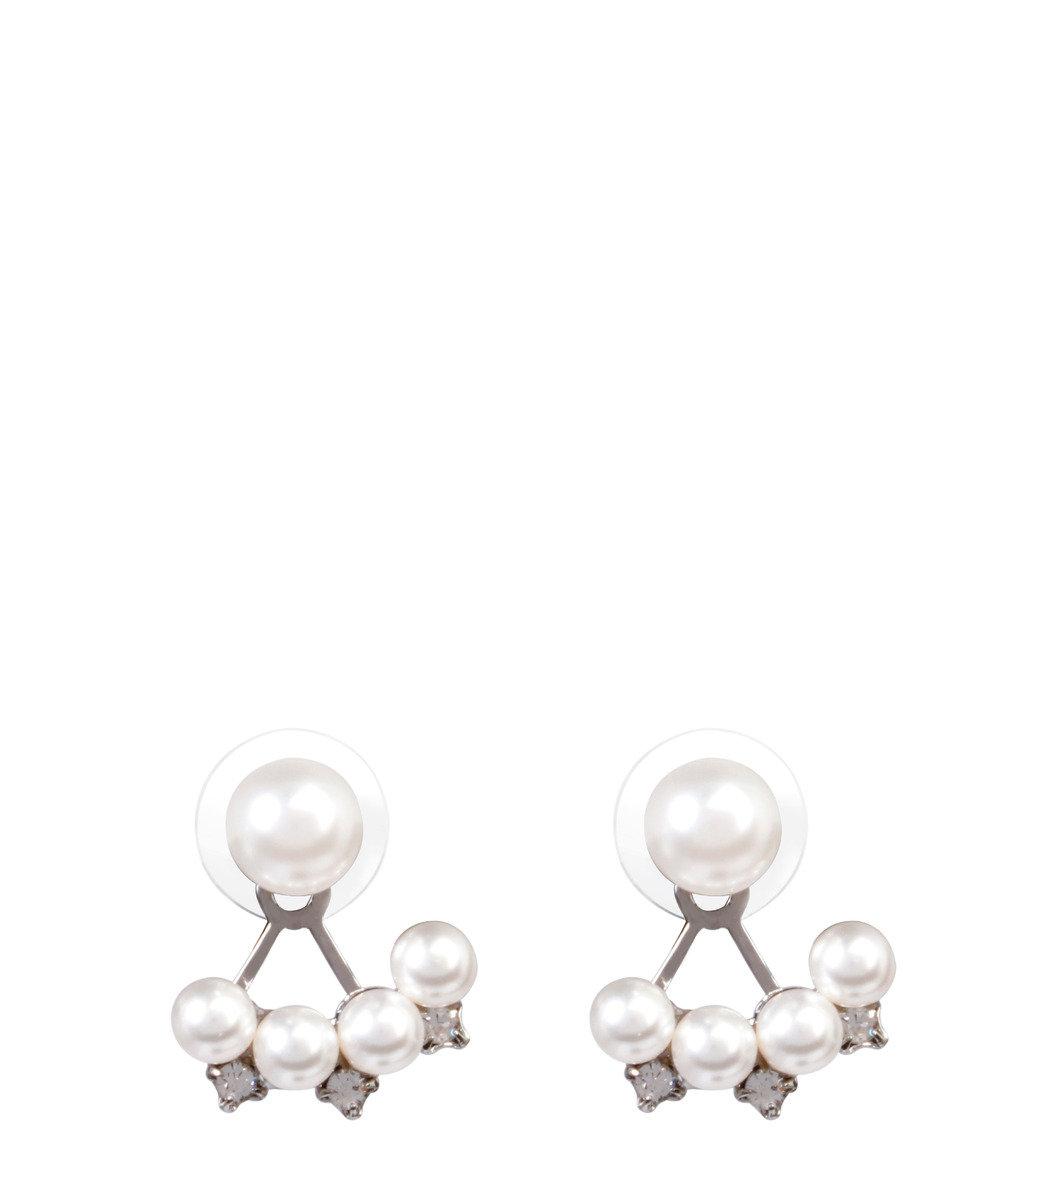 珍珠Ear deco 耳環